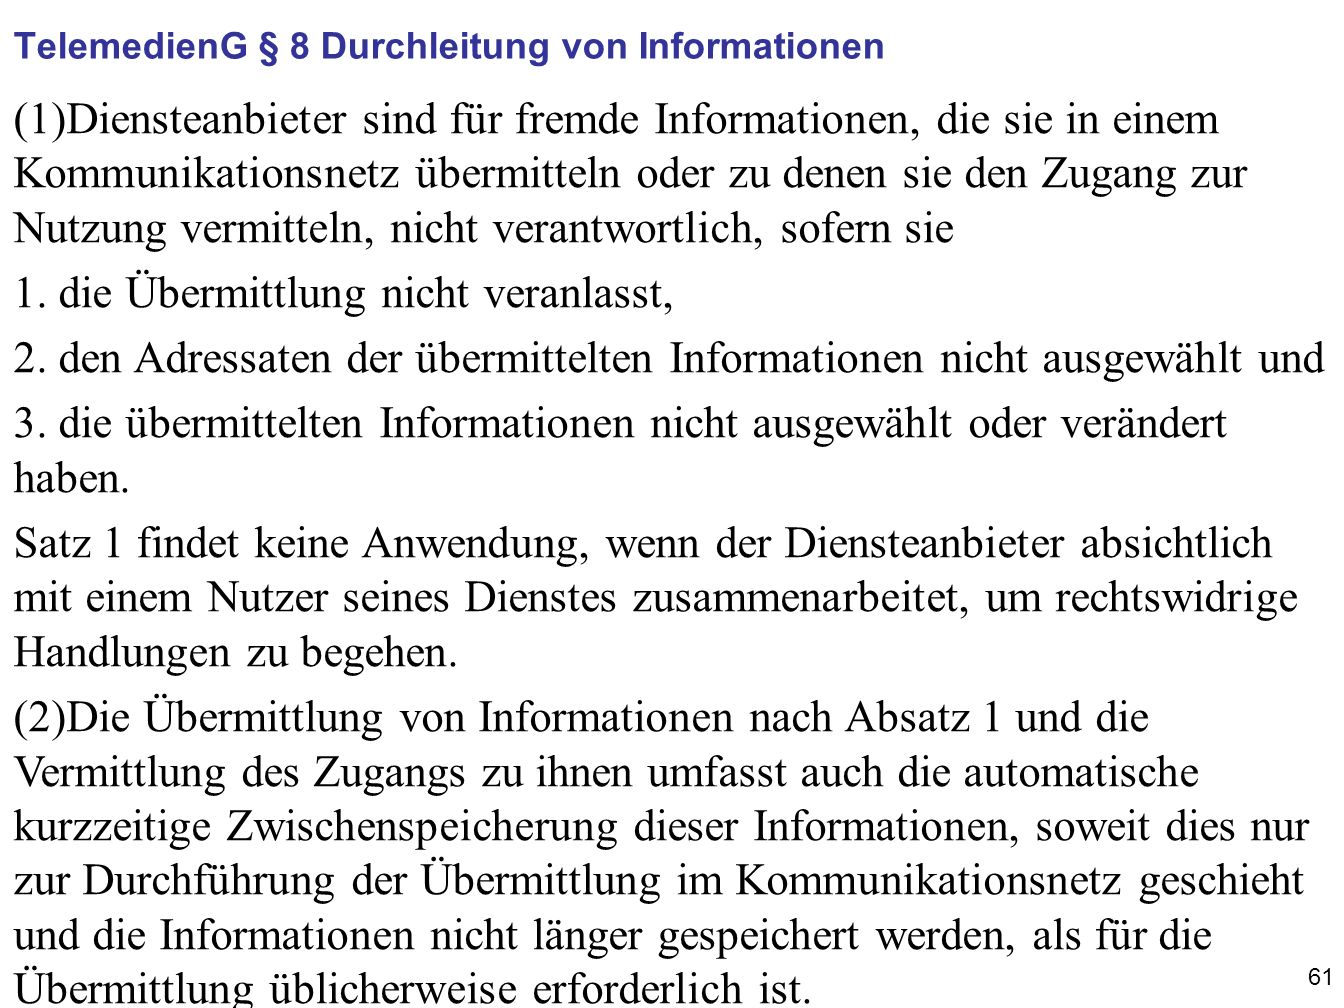 61 (1)Diensteanbieter sind für fremde Informationen, die sie in einem Kommunikationsnetz übermitteln oder zu denen sie den Zugang zur Nutzung vermitteln, nicht verantwortlich, sofern sie 1.